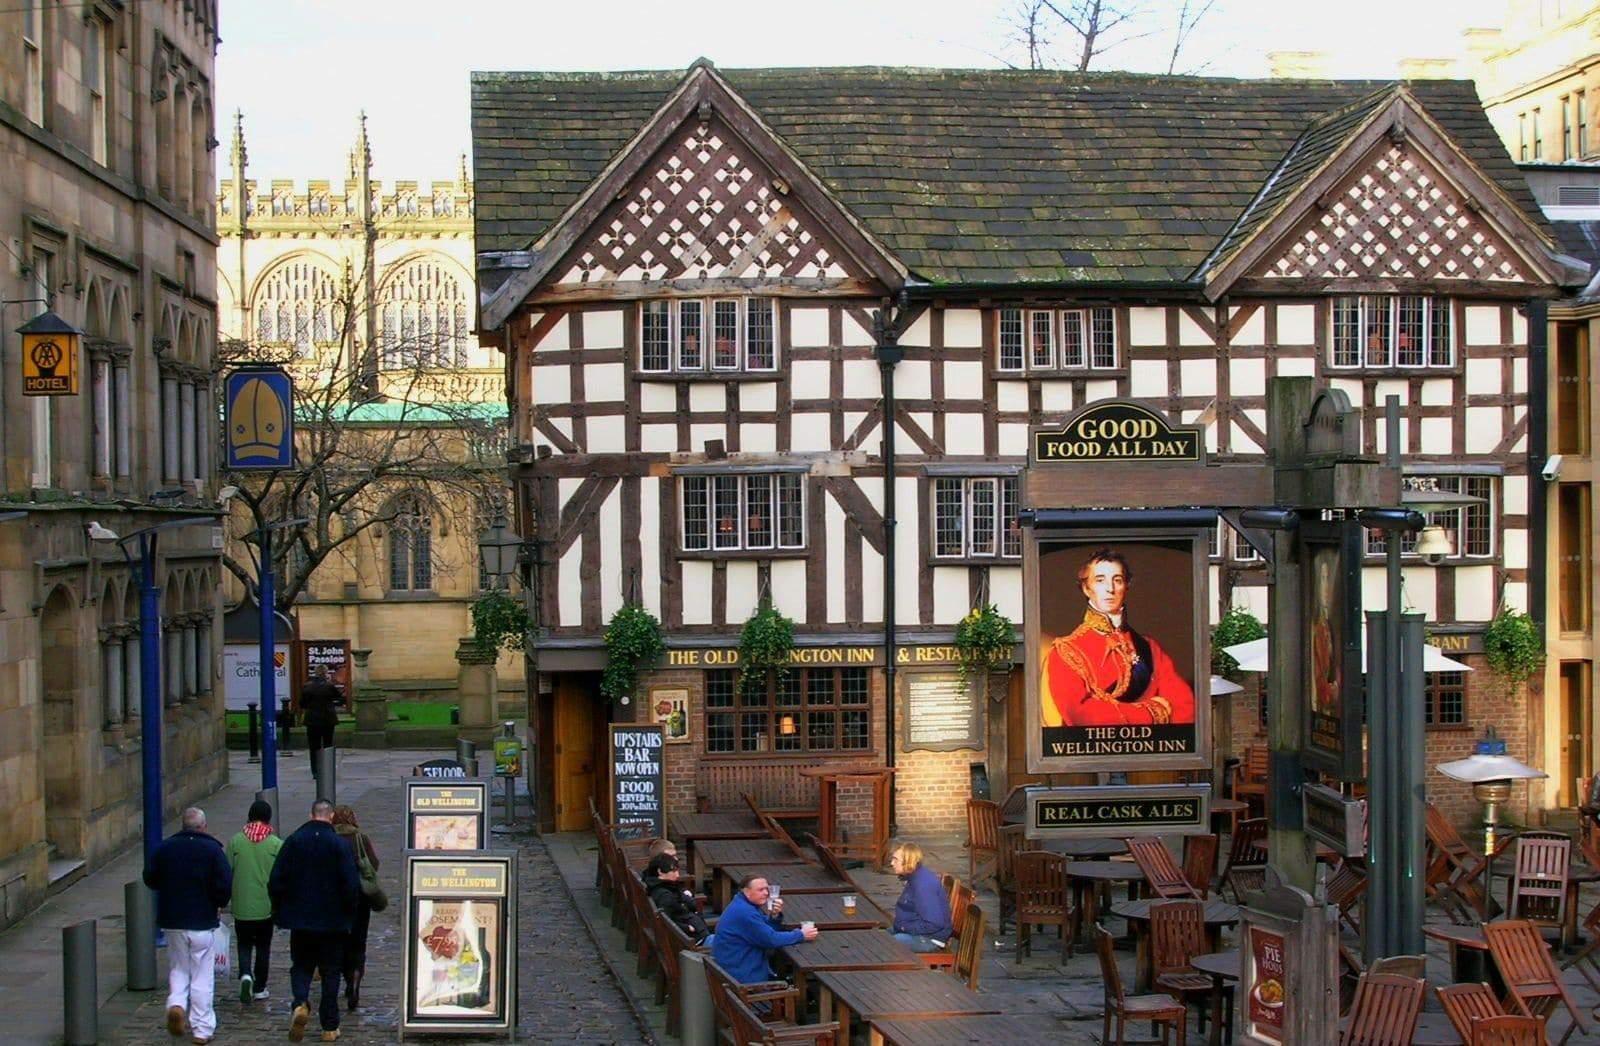 Old Wellington Inn: storia del pub più antico di Manchester